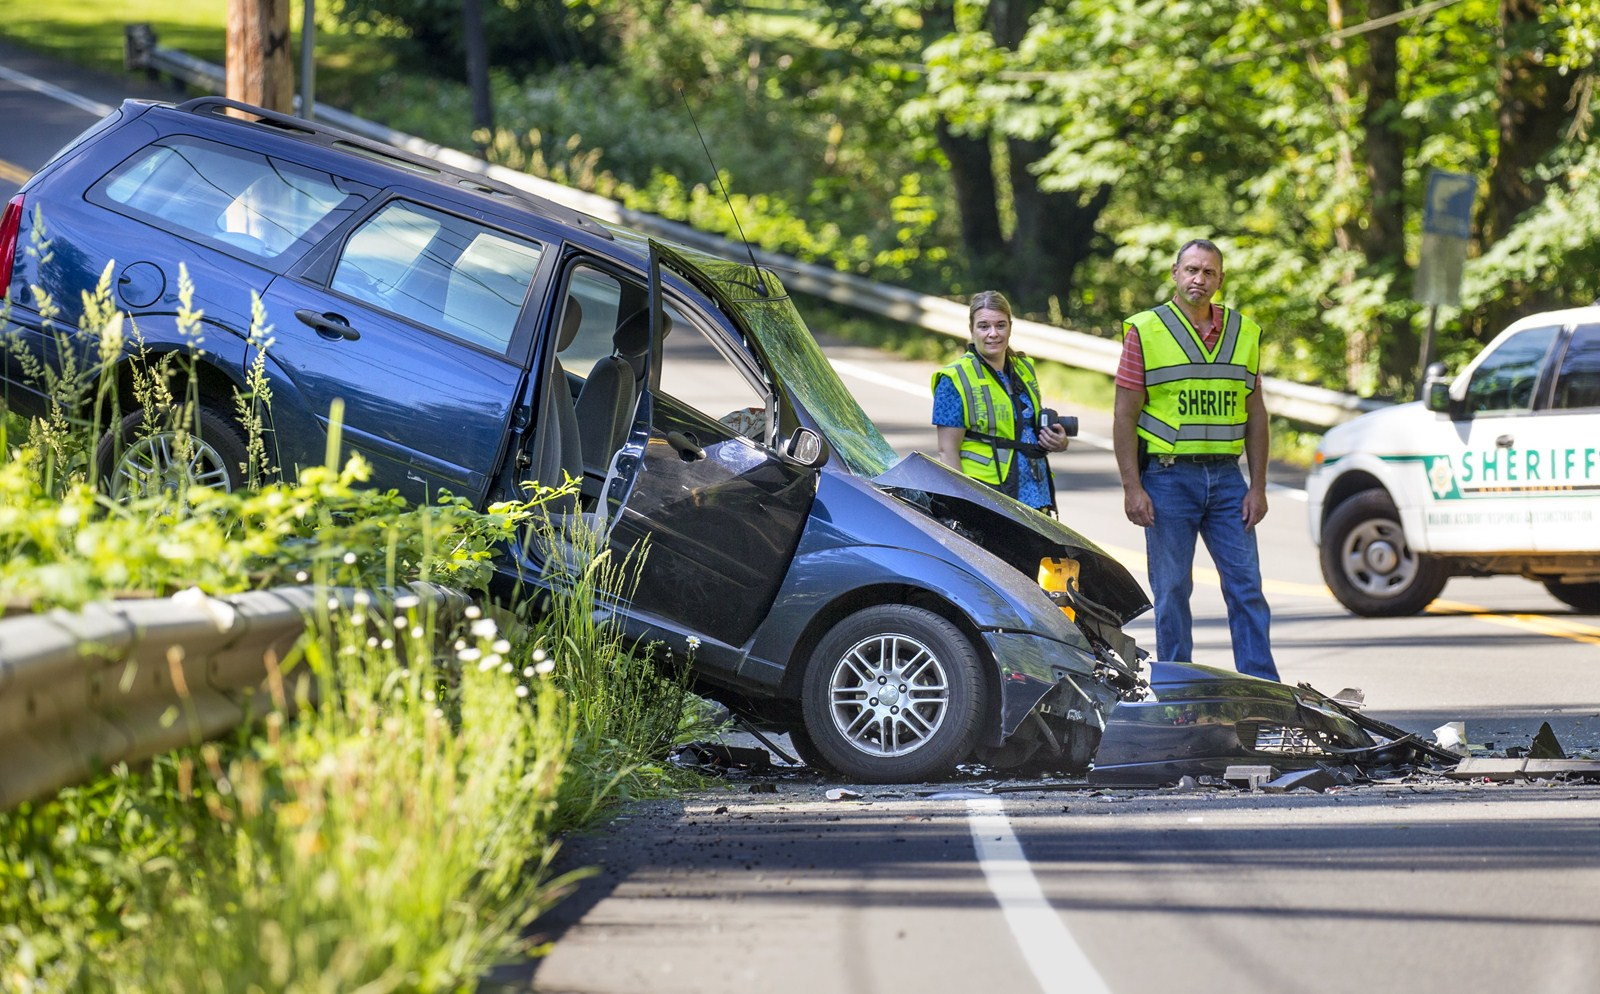 Car Crashes: The No. 1 Killer of U.S. Children